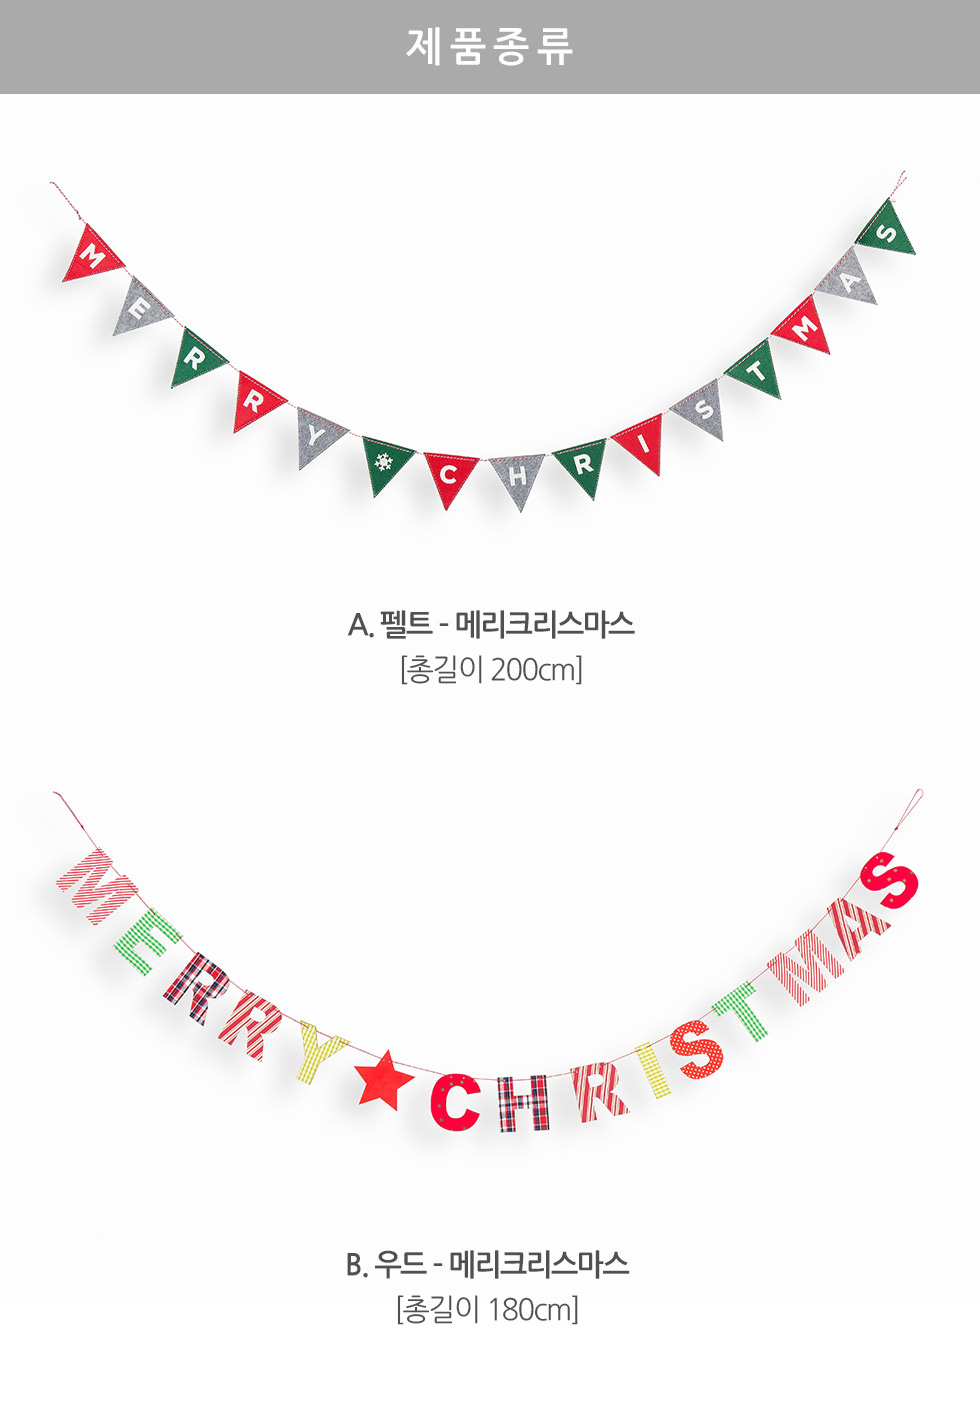 메리크리스마스 가랜드 2종 - 우드가랜드, 펠트가랜드 - 종류 A.펠트 - 메리크리스마스 B.우드 - 메리크리스마스